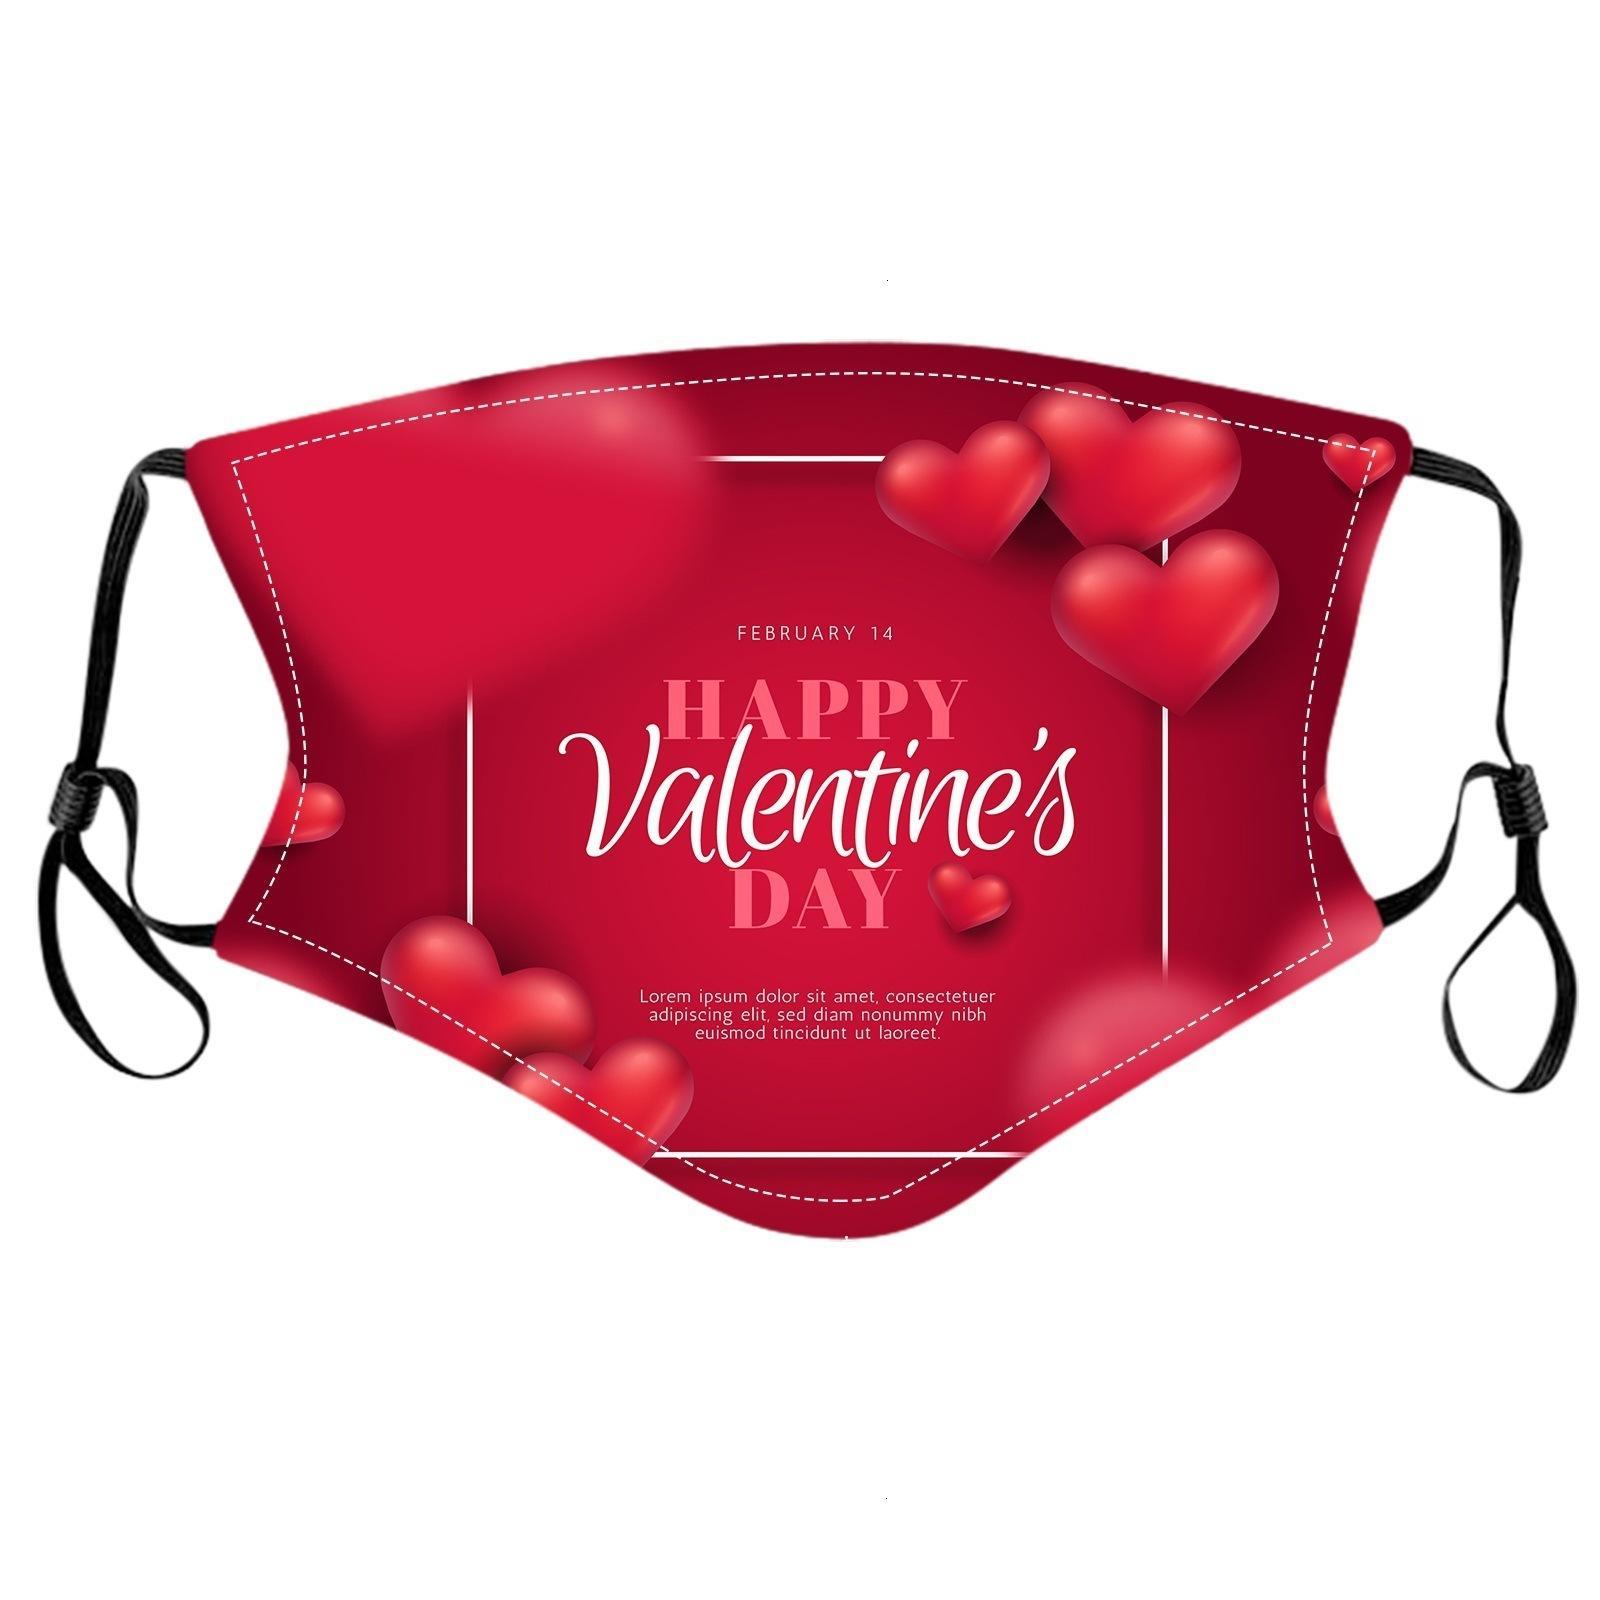 Factory07gamask Mask Valentines Jour Lavable visage Couvercle de mode Visage Visage Décorations faciales pour hommes Femmes Turnproof Protecteur de